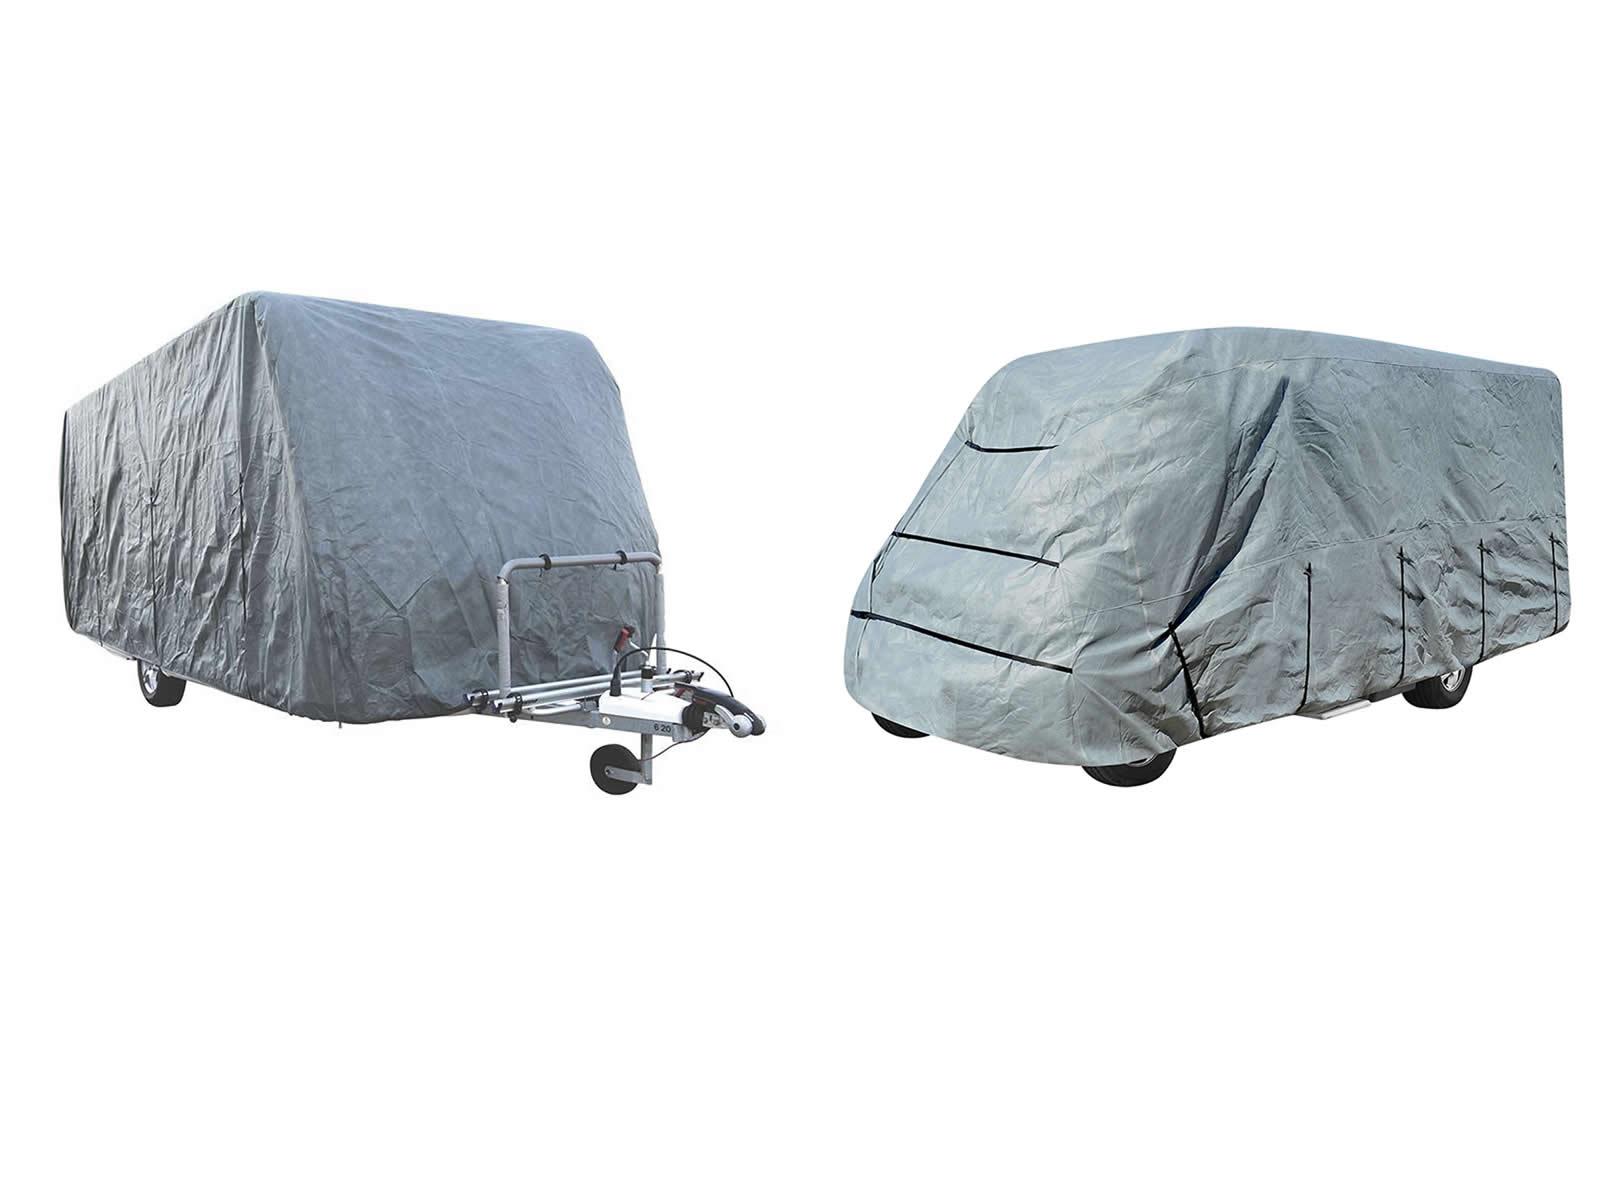 Details zu Wohwagen Wohnmobil Schutzhülle Caravan Ganzgarage  unterschiedliche Größen 9-lag